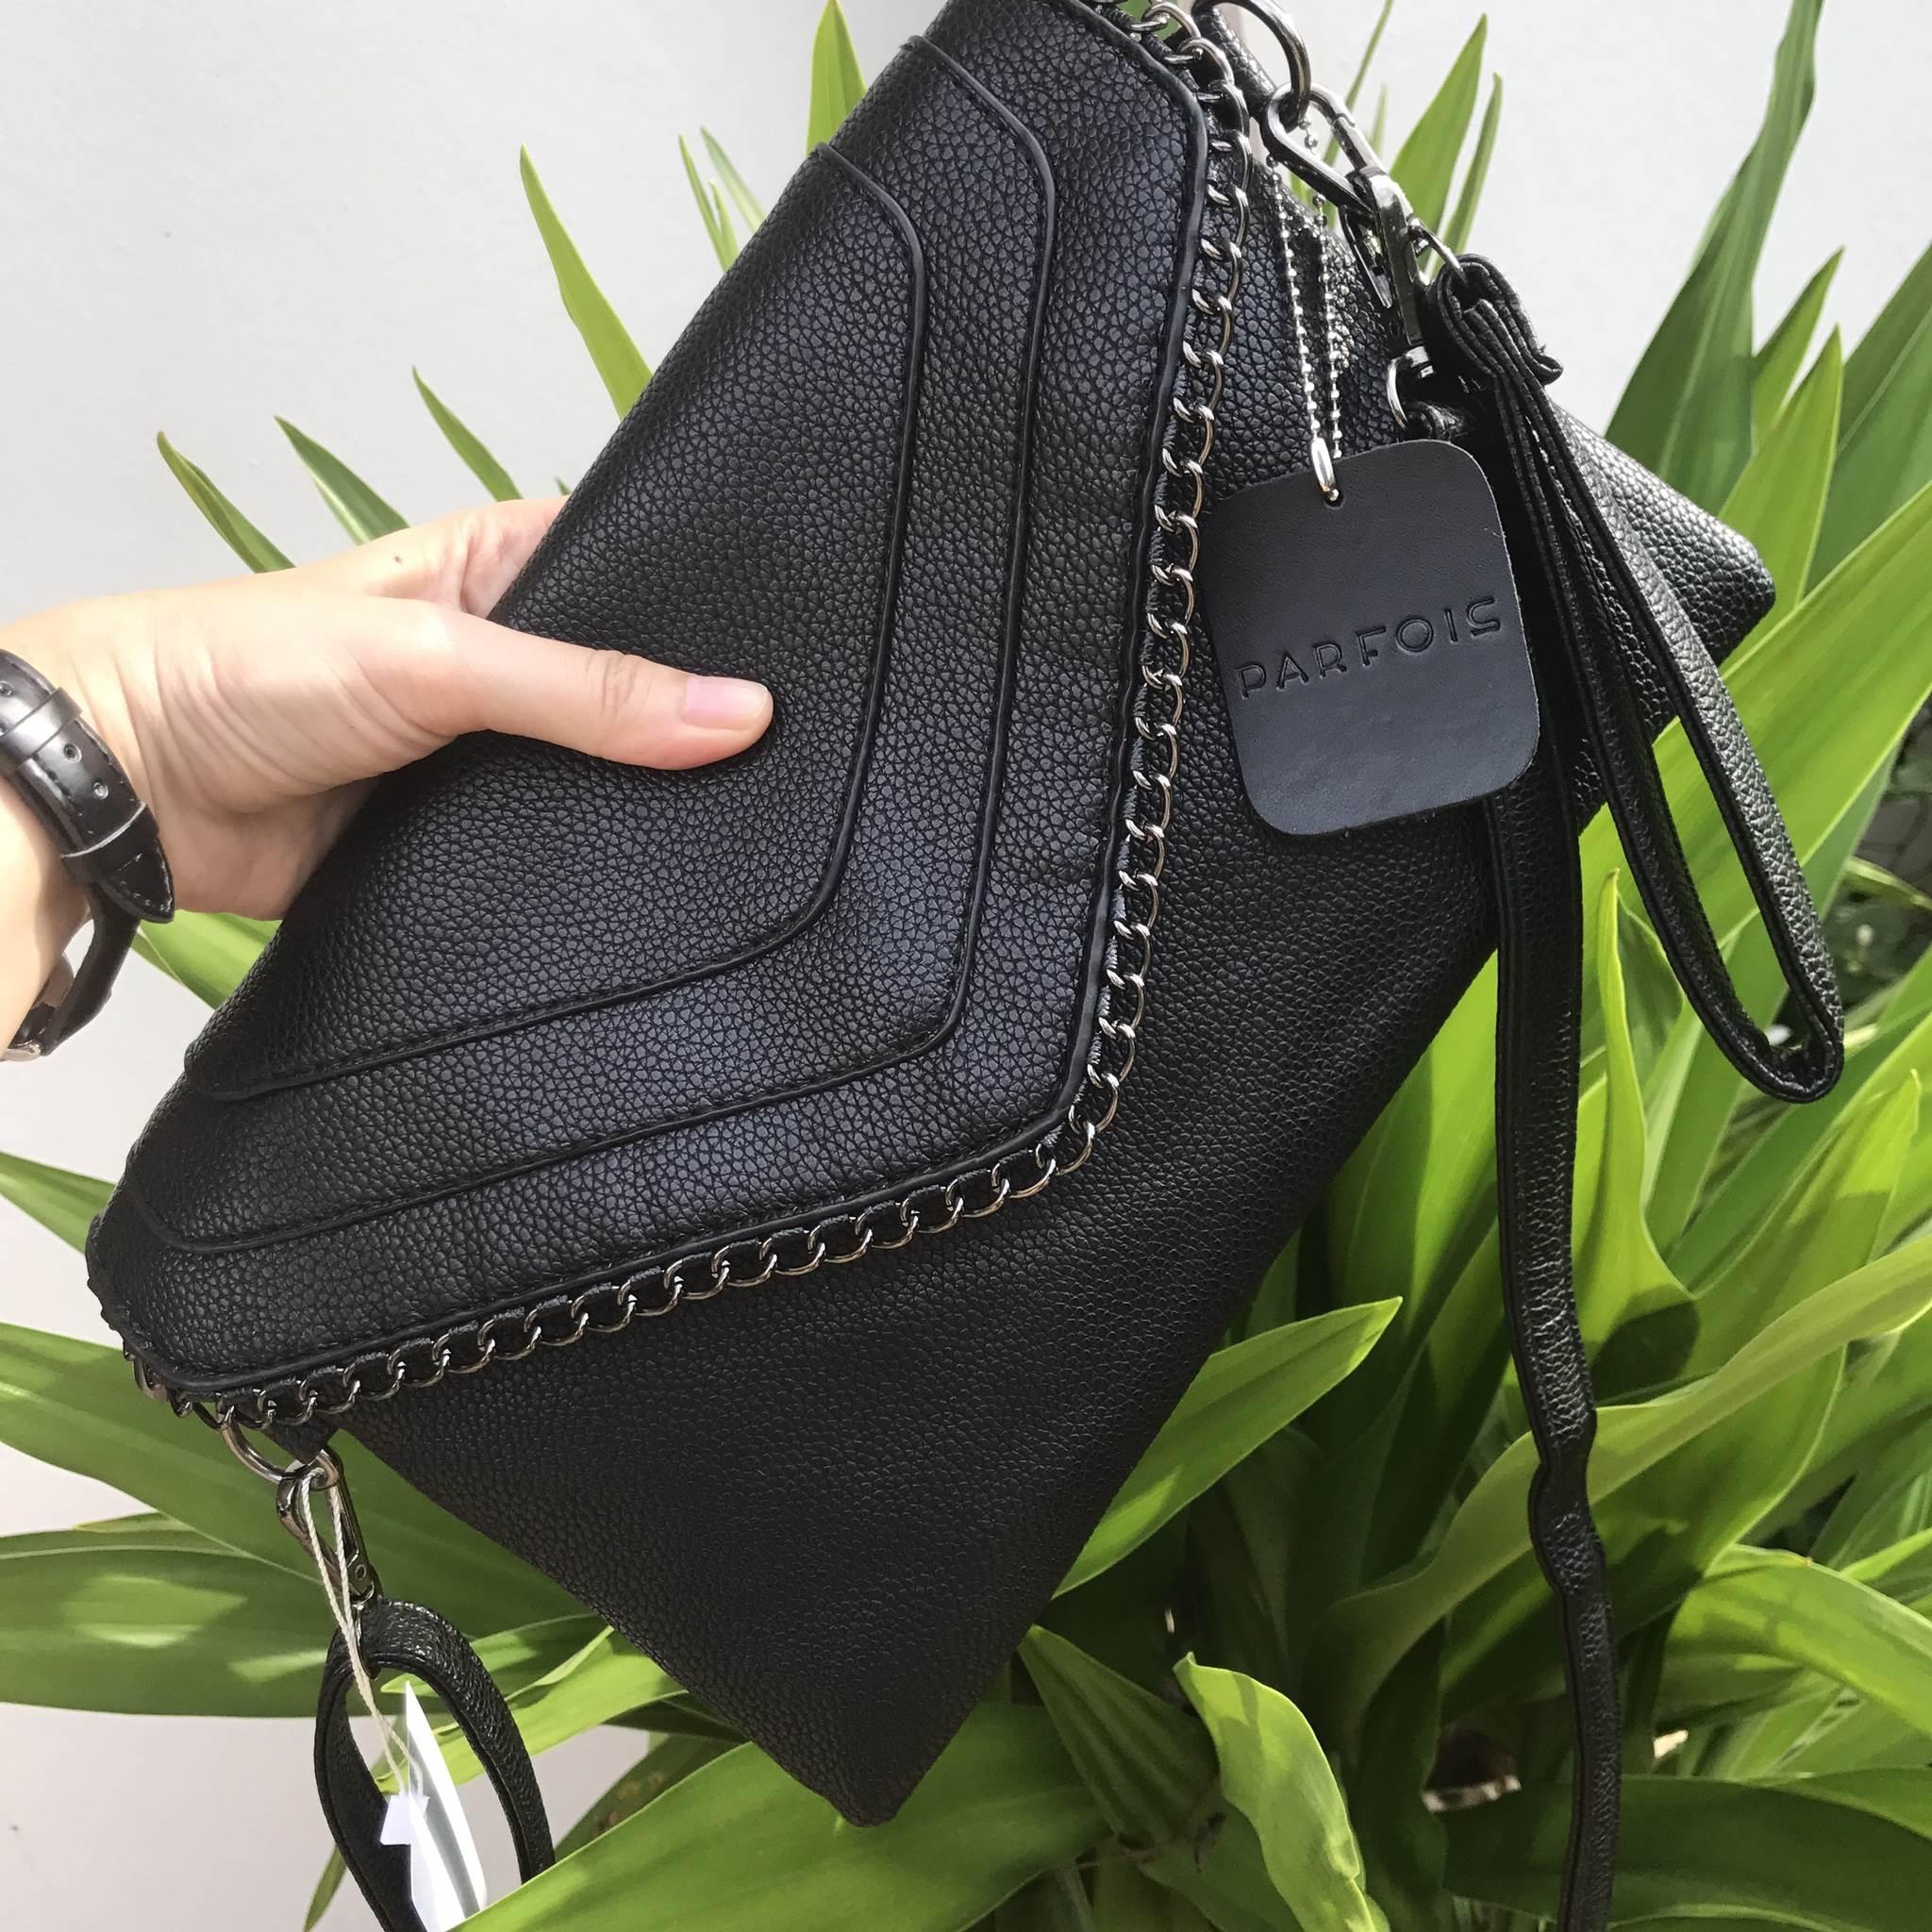 Parfois clutch bag 2017 #Don'tmiss #Gift